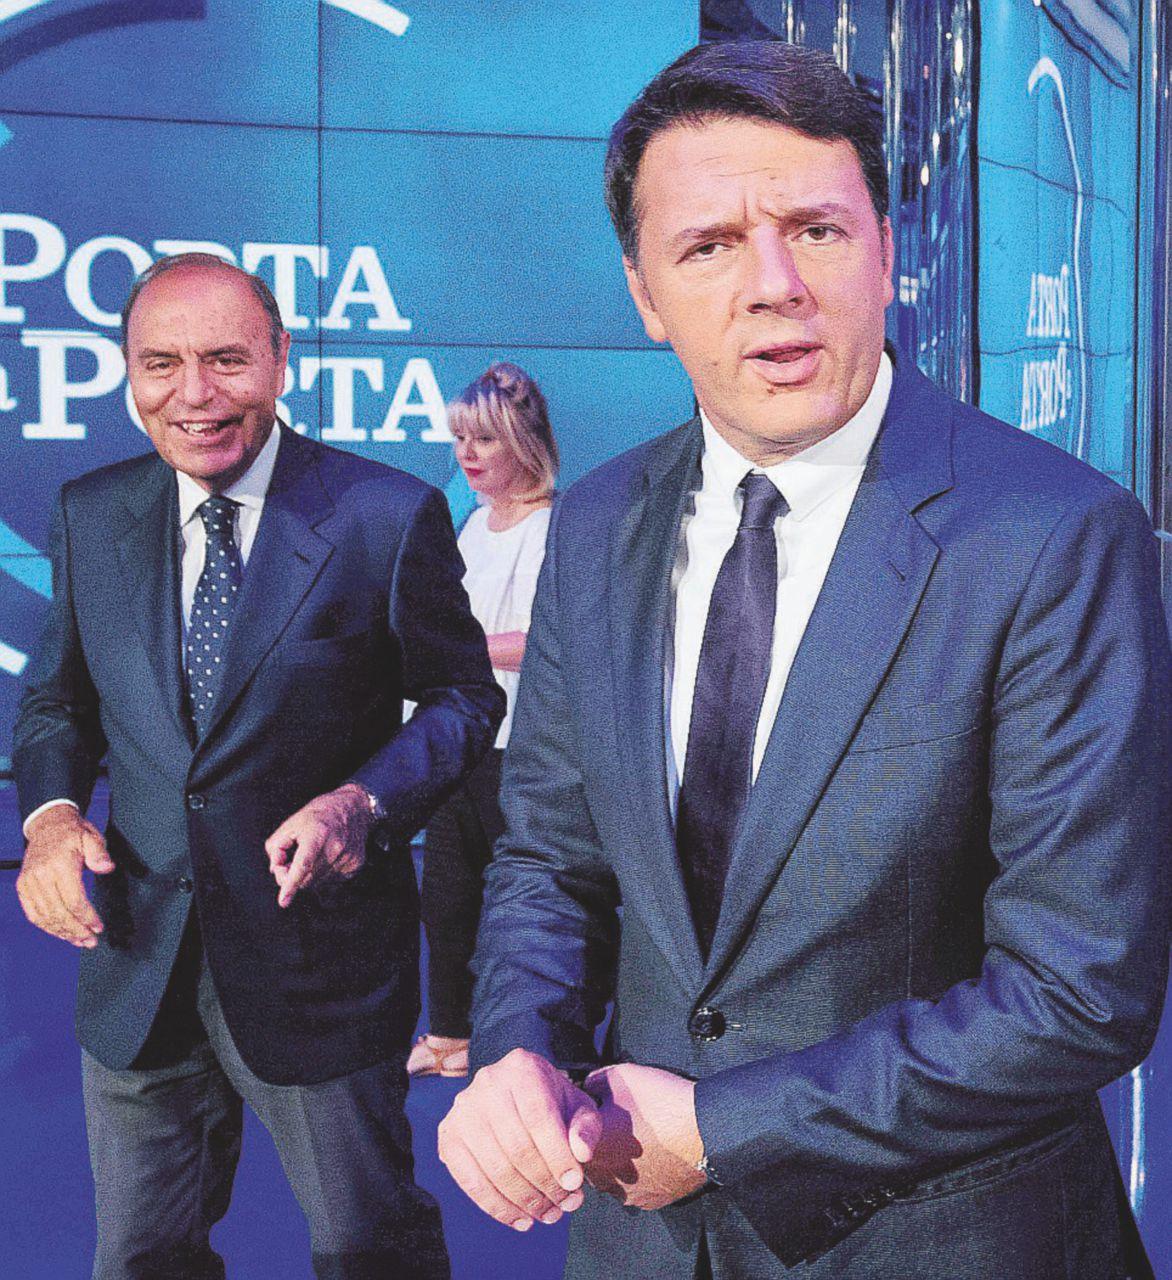 Alla Festa dell'Unità c'è Renzi e il Catania non può giocare